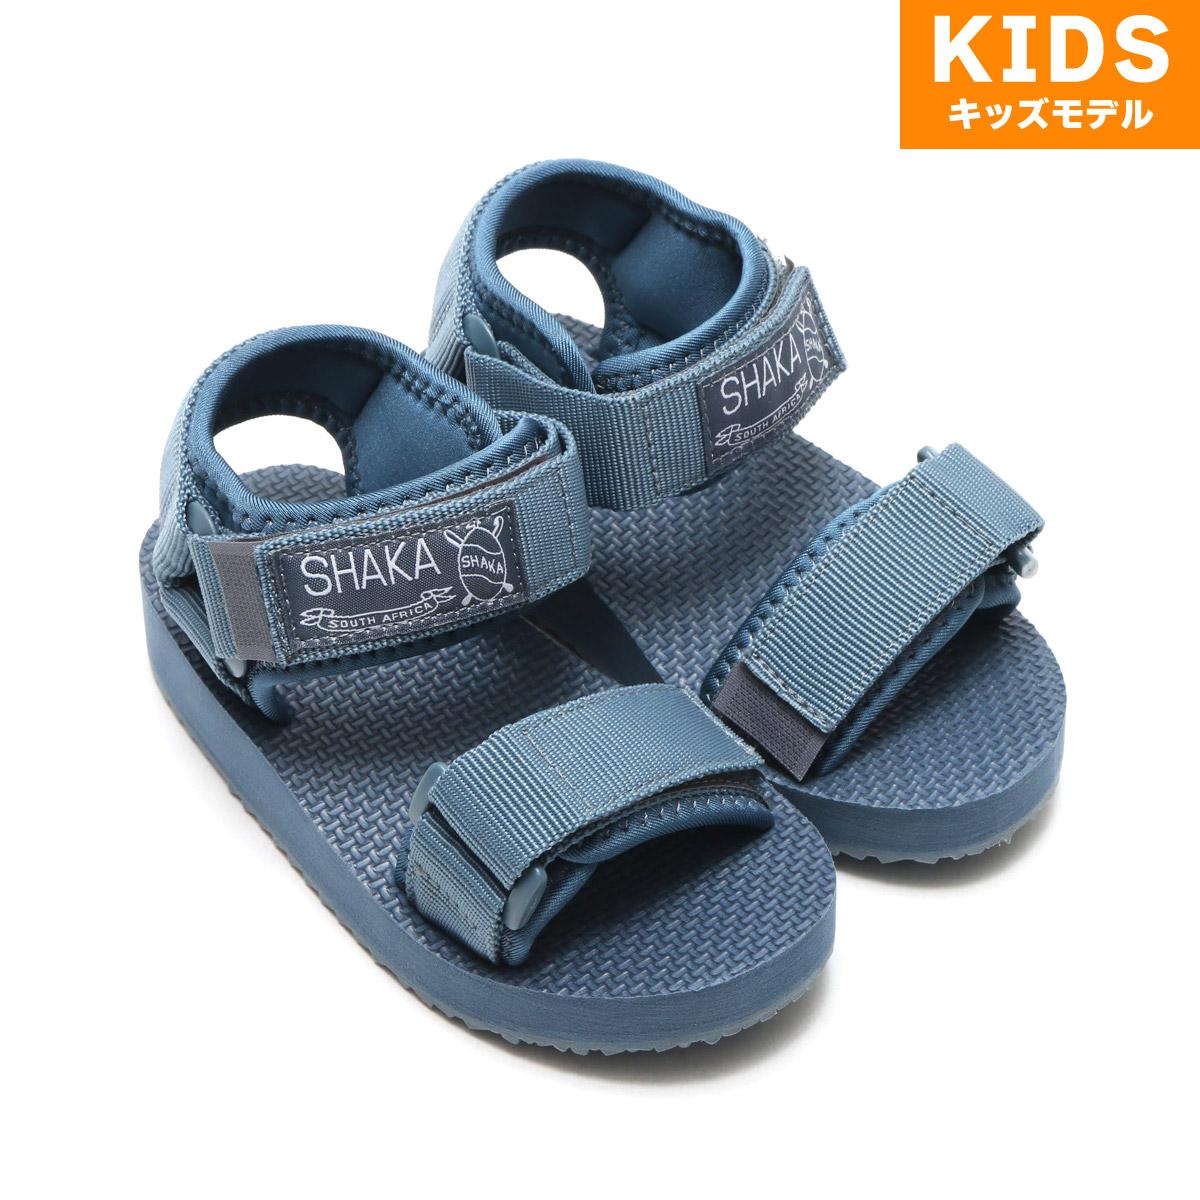 SHAKA NEO BUNGY KIDS(シャカ ネオ バンジー キッズ)(Fade Blue)18SU-I